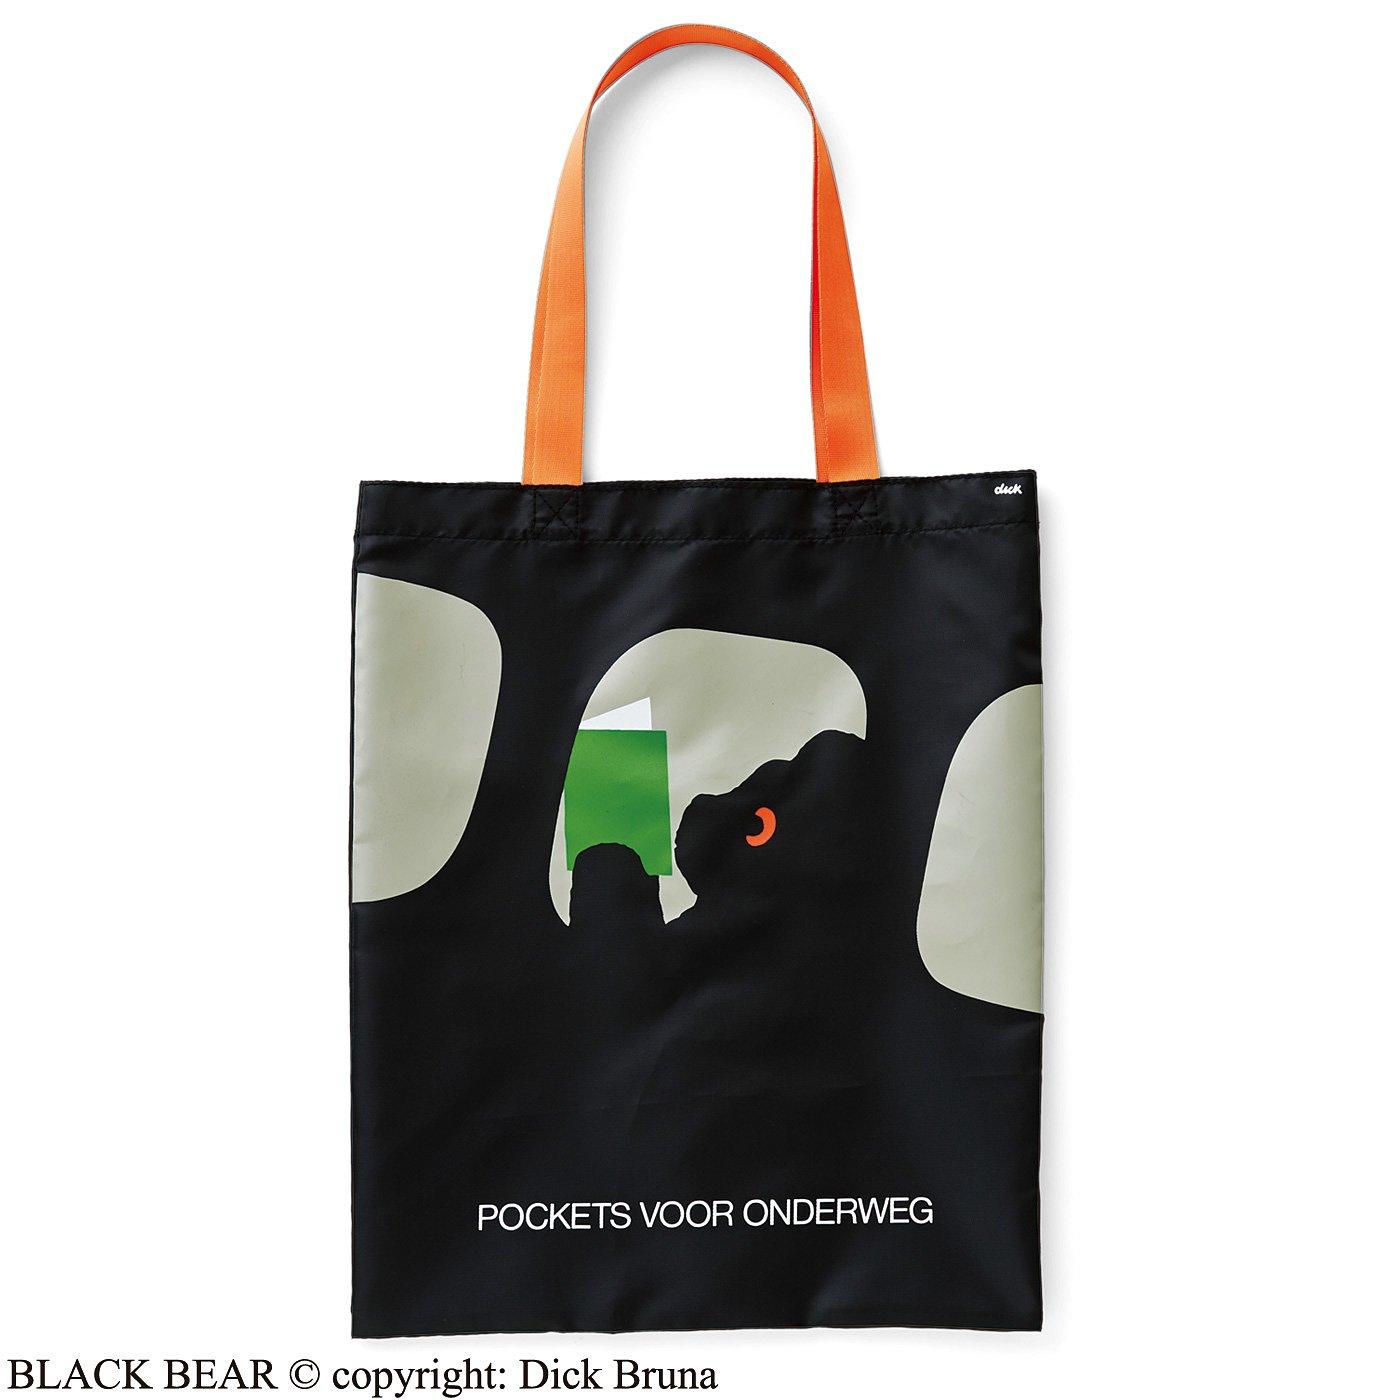 ブラック・ベア ポスターデザイン図書館バッグの会